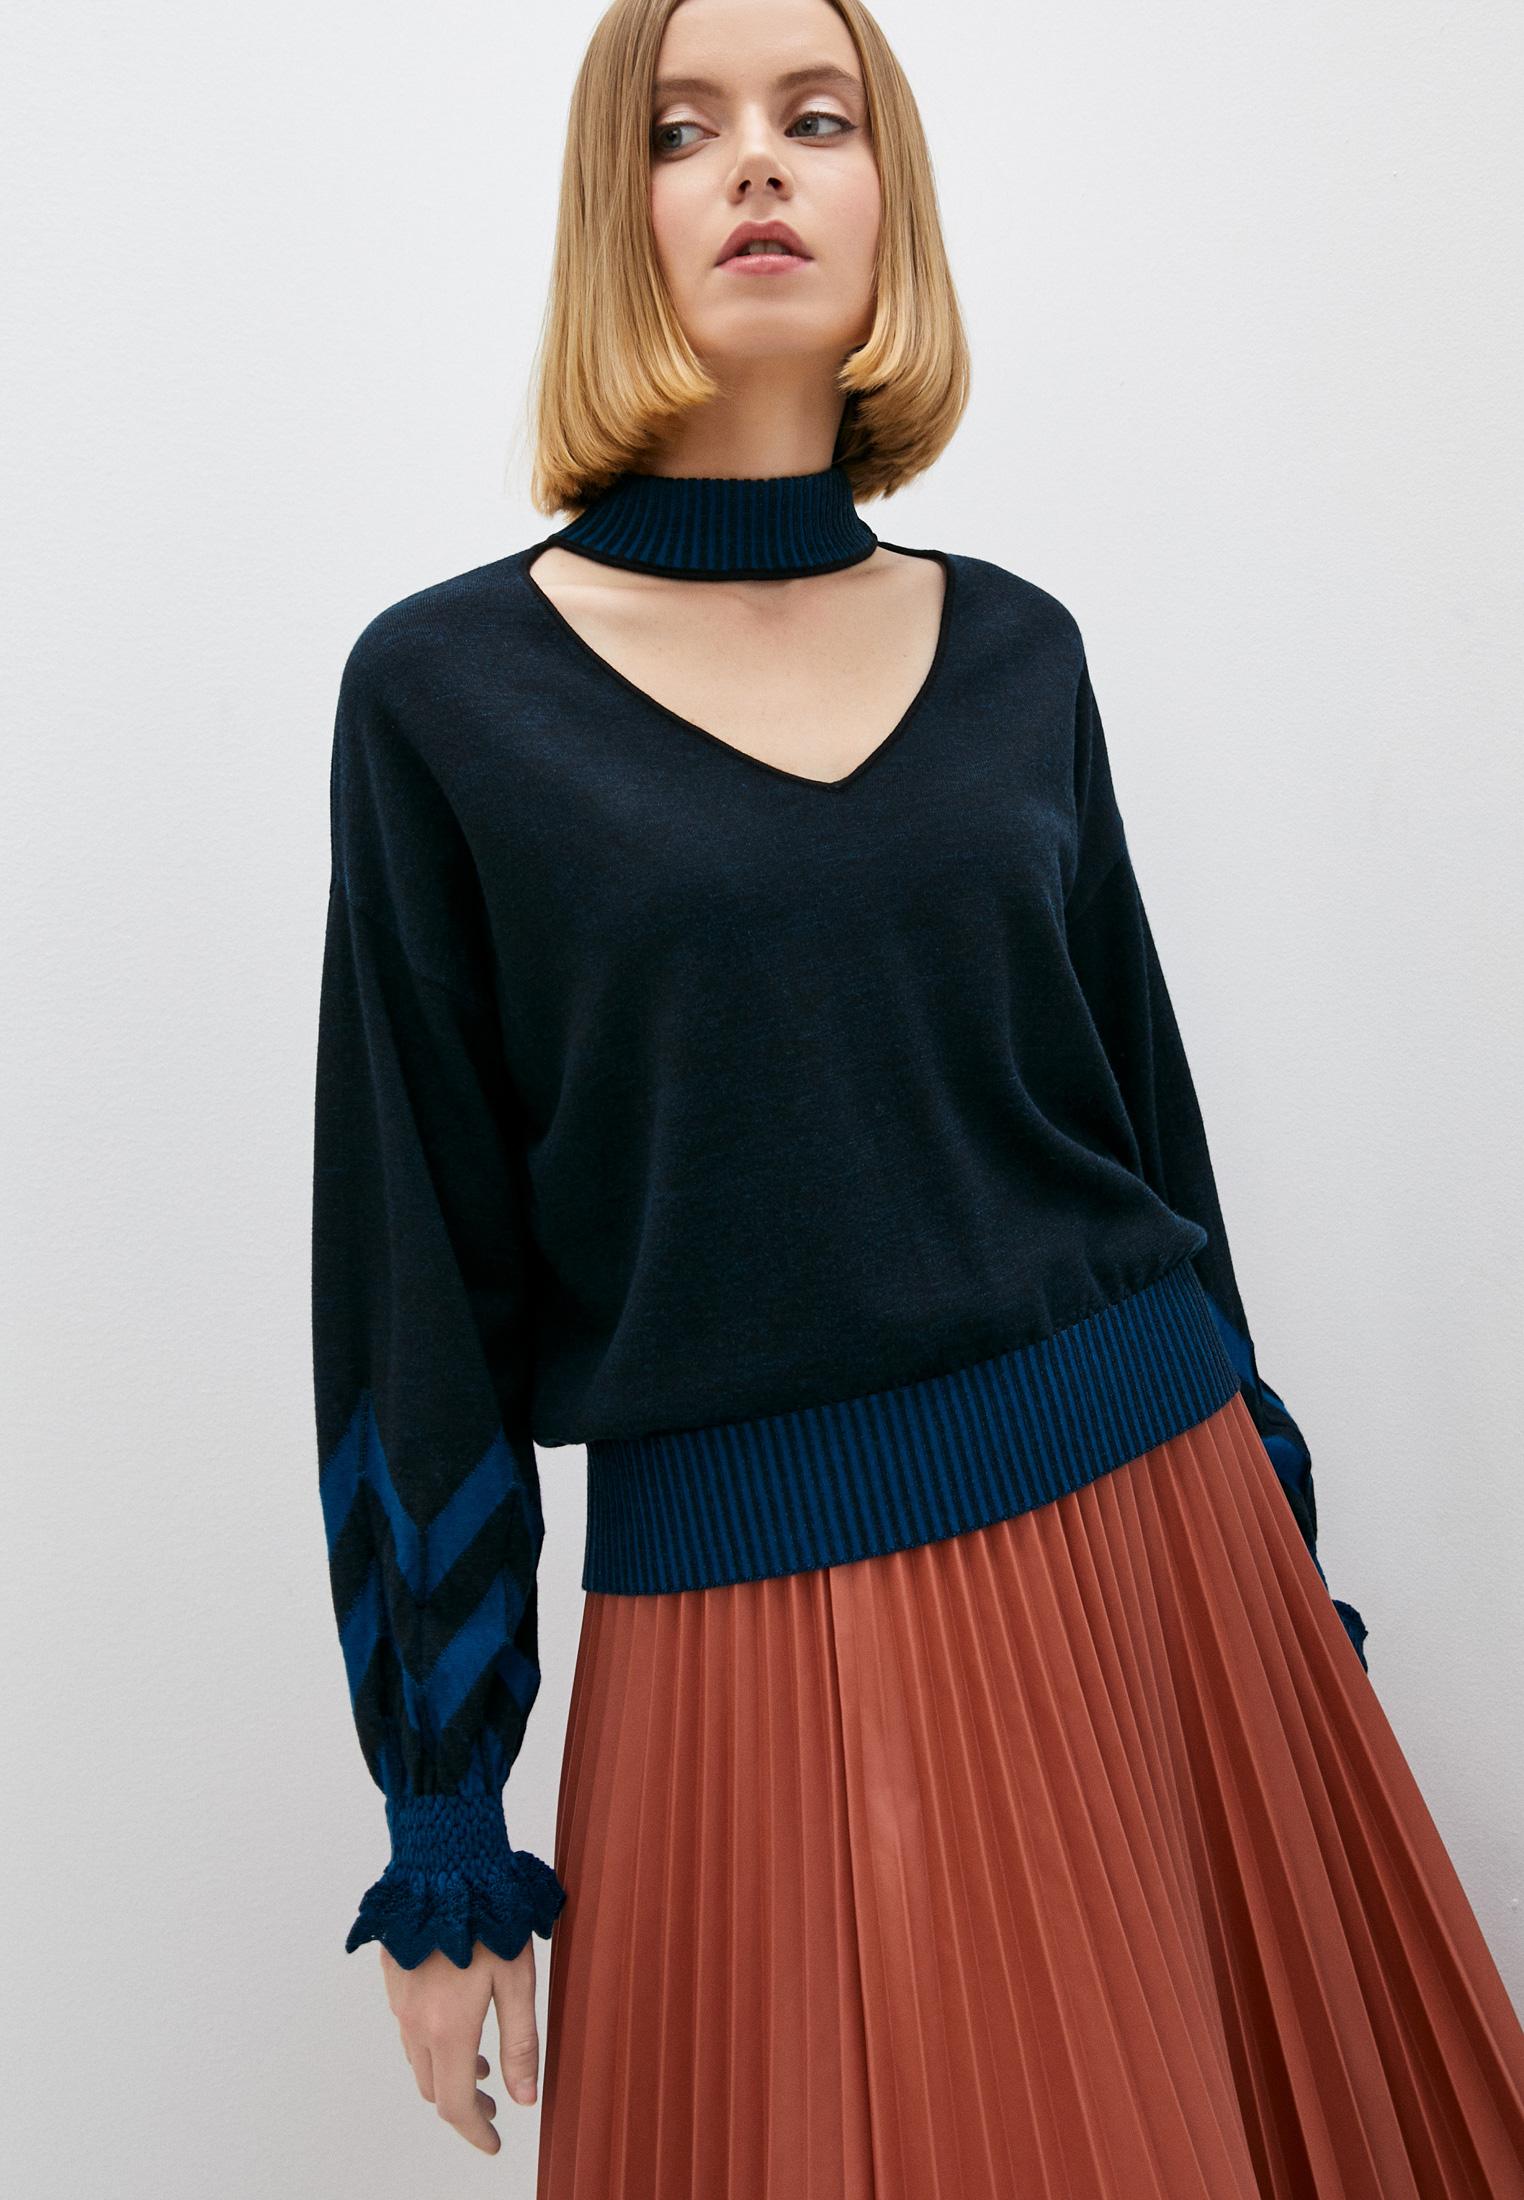 Пуловер DIANE VON FURSTENBERG Пуловер Diane von Furstenberg